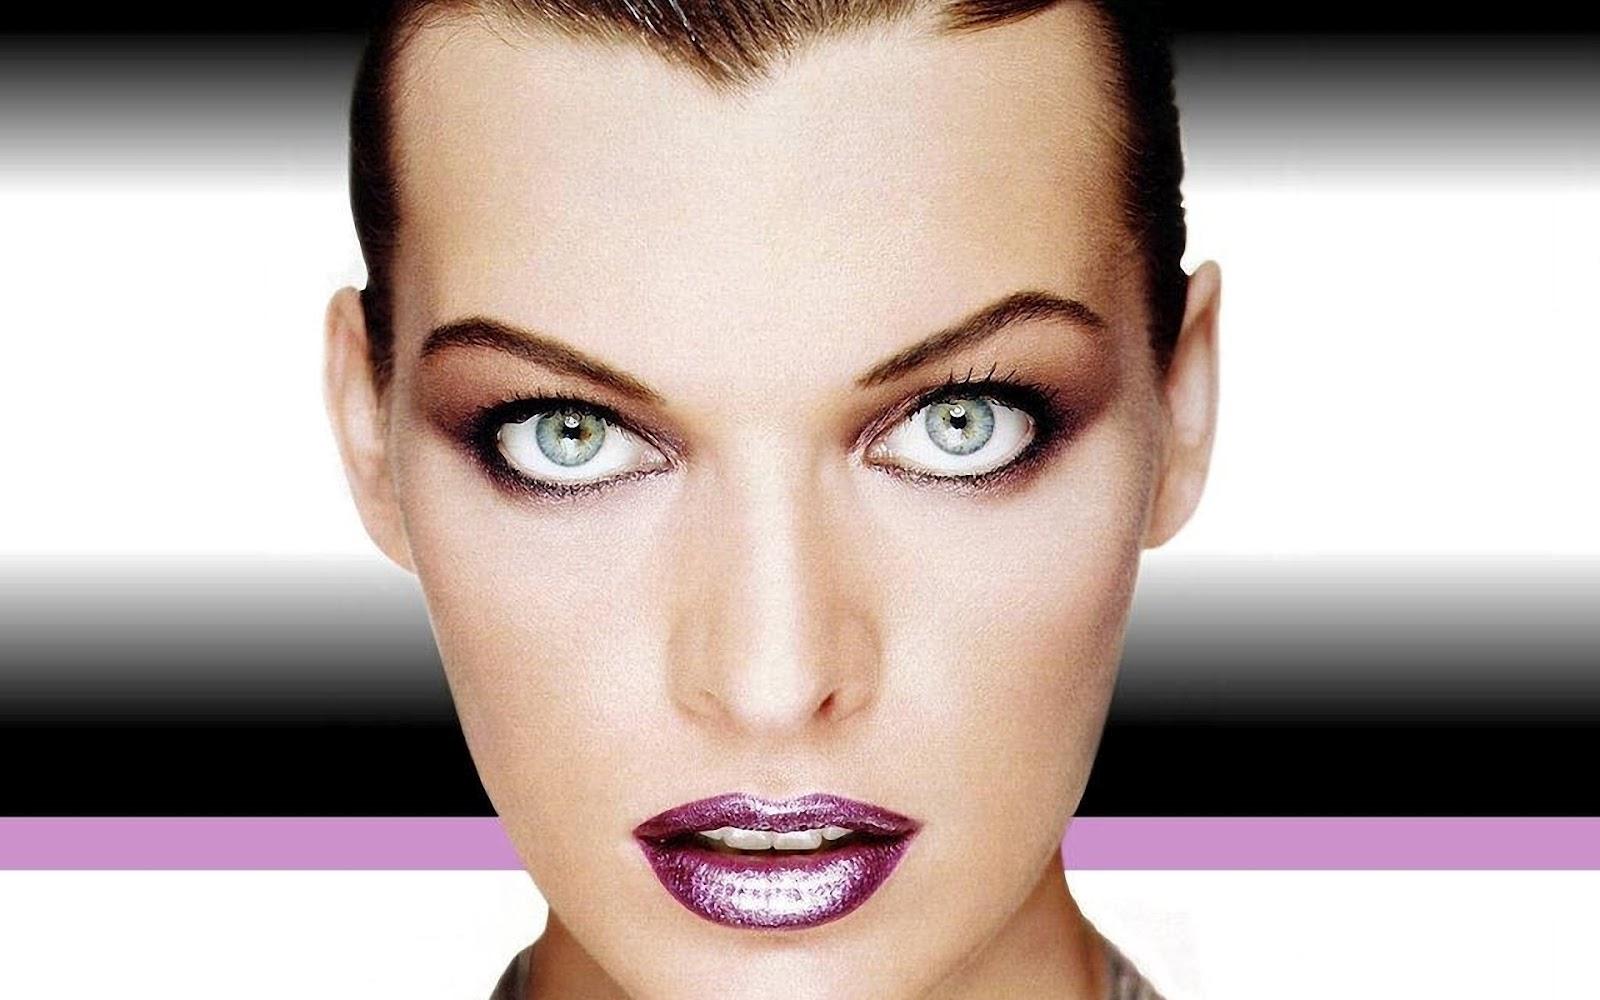 http://3.bp.blogspot.com/-kNBmfqGlntc/UB-WNAXDUaI/AAAAAAAALW4/N5EY7bookF0/s1600/milla-jovovich-face.jpg